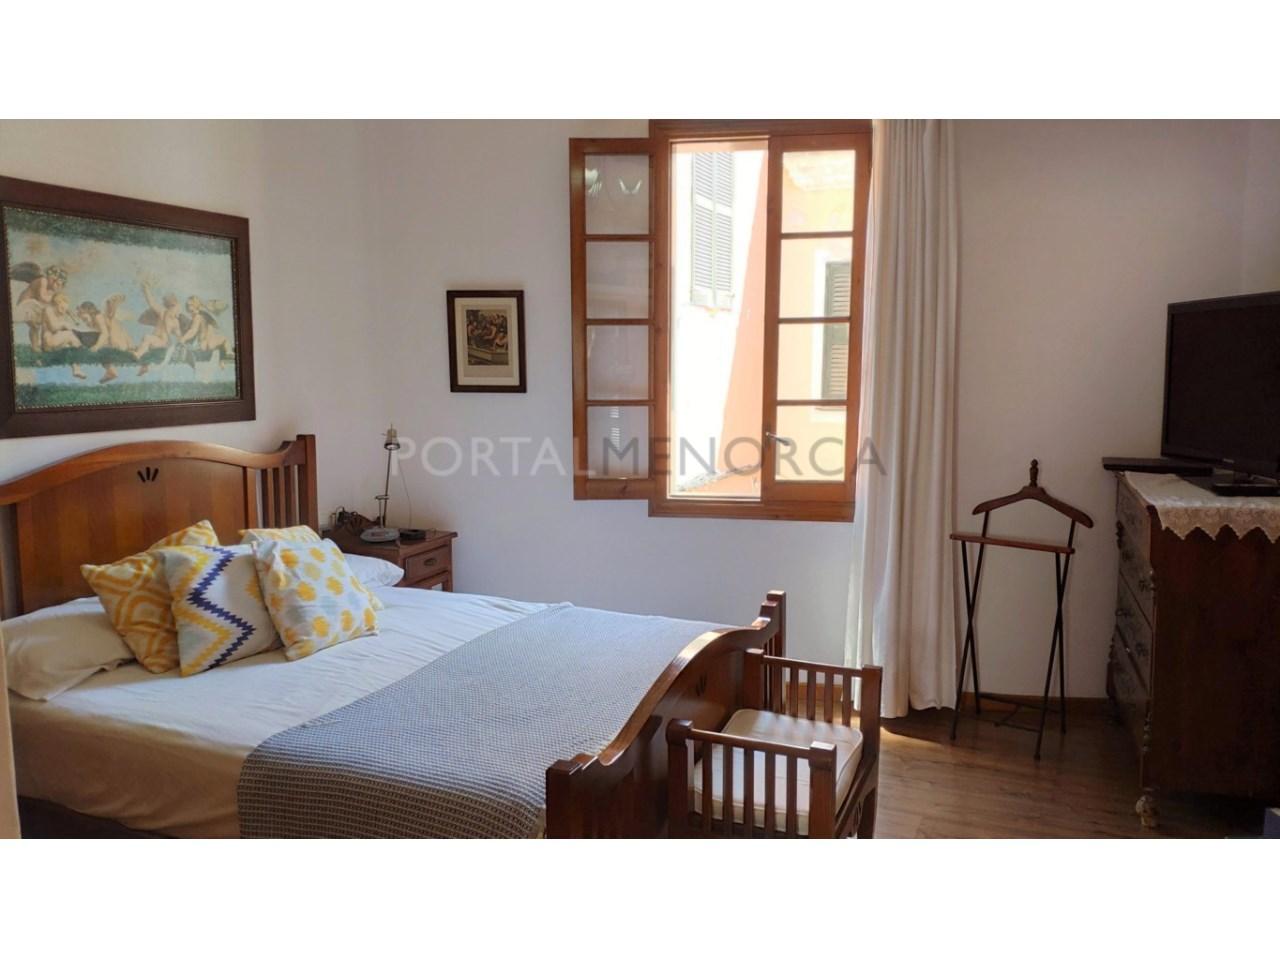 Casa con patio en venta en el casco histórico de Ciutadella - dormitorio doble